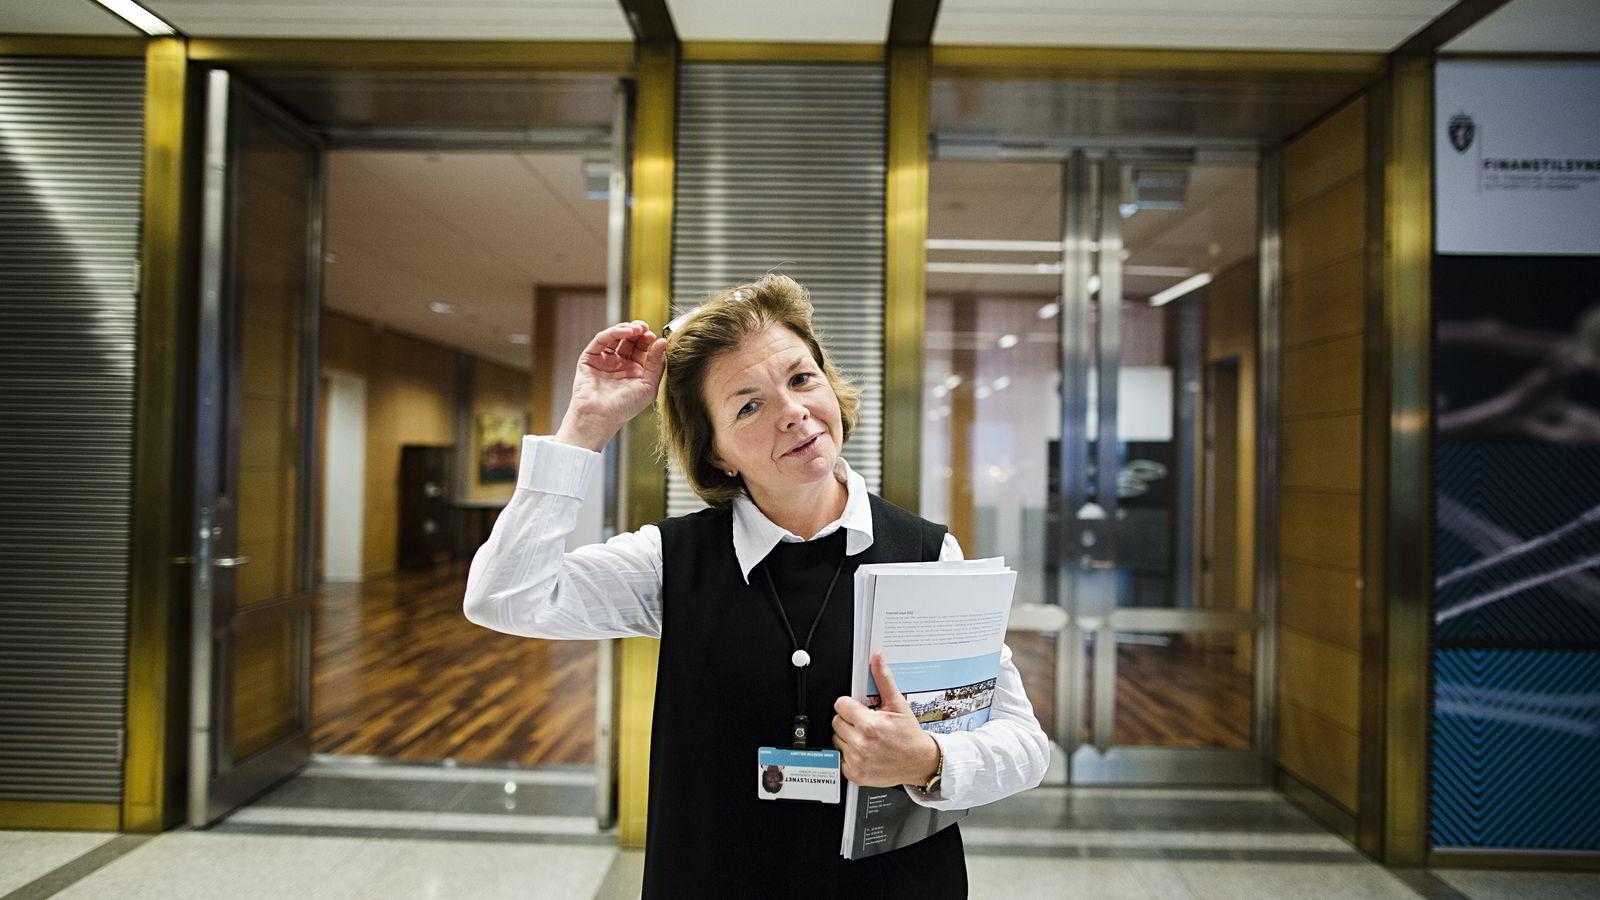 IKKE OBLIGATORISK. Direktør for markedstilsyn i Finanstilsynet, Anne Merethe Bellamy, mener behovet for tilstandsrapport ved boligsalg må vurderes i hvert enkelt tilfelle. Foto: Per Thrana.